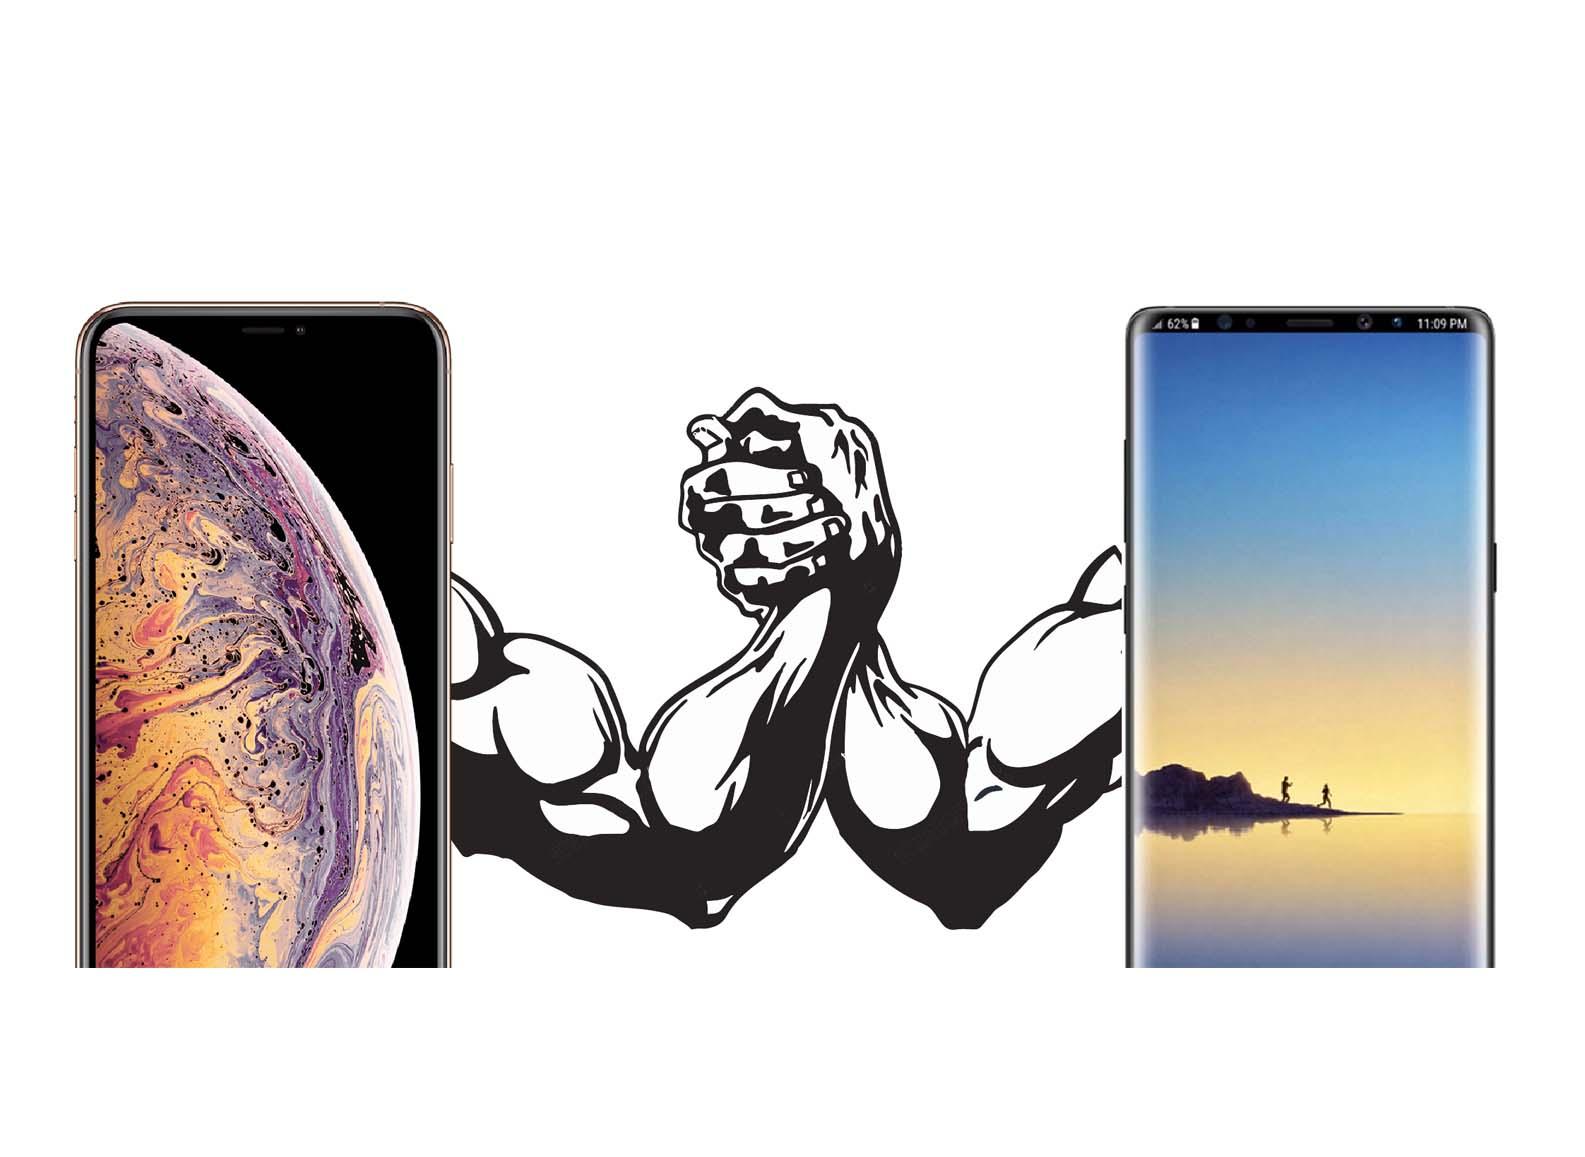 iPhone repair in dubai vs samsung repair